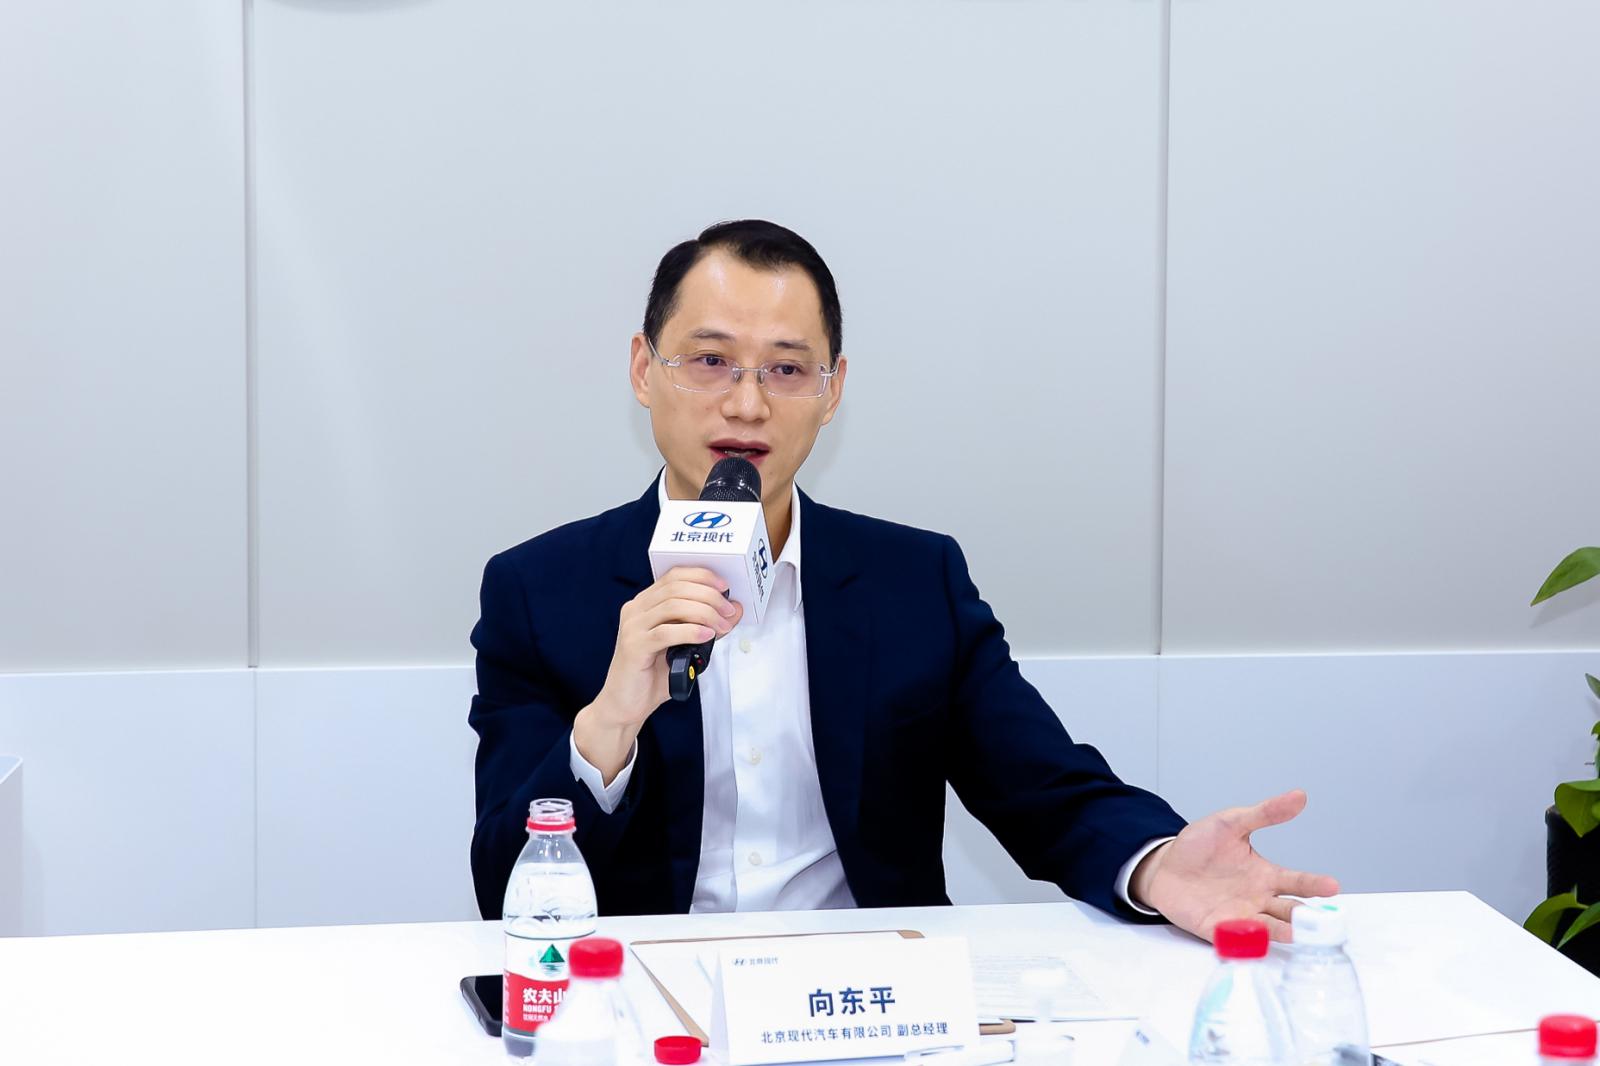 对话|北京现代向东平:技术转型 加速HSMART+战略实施图片